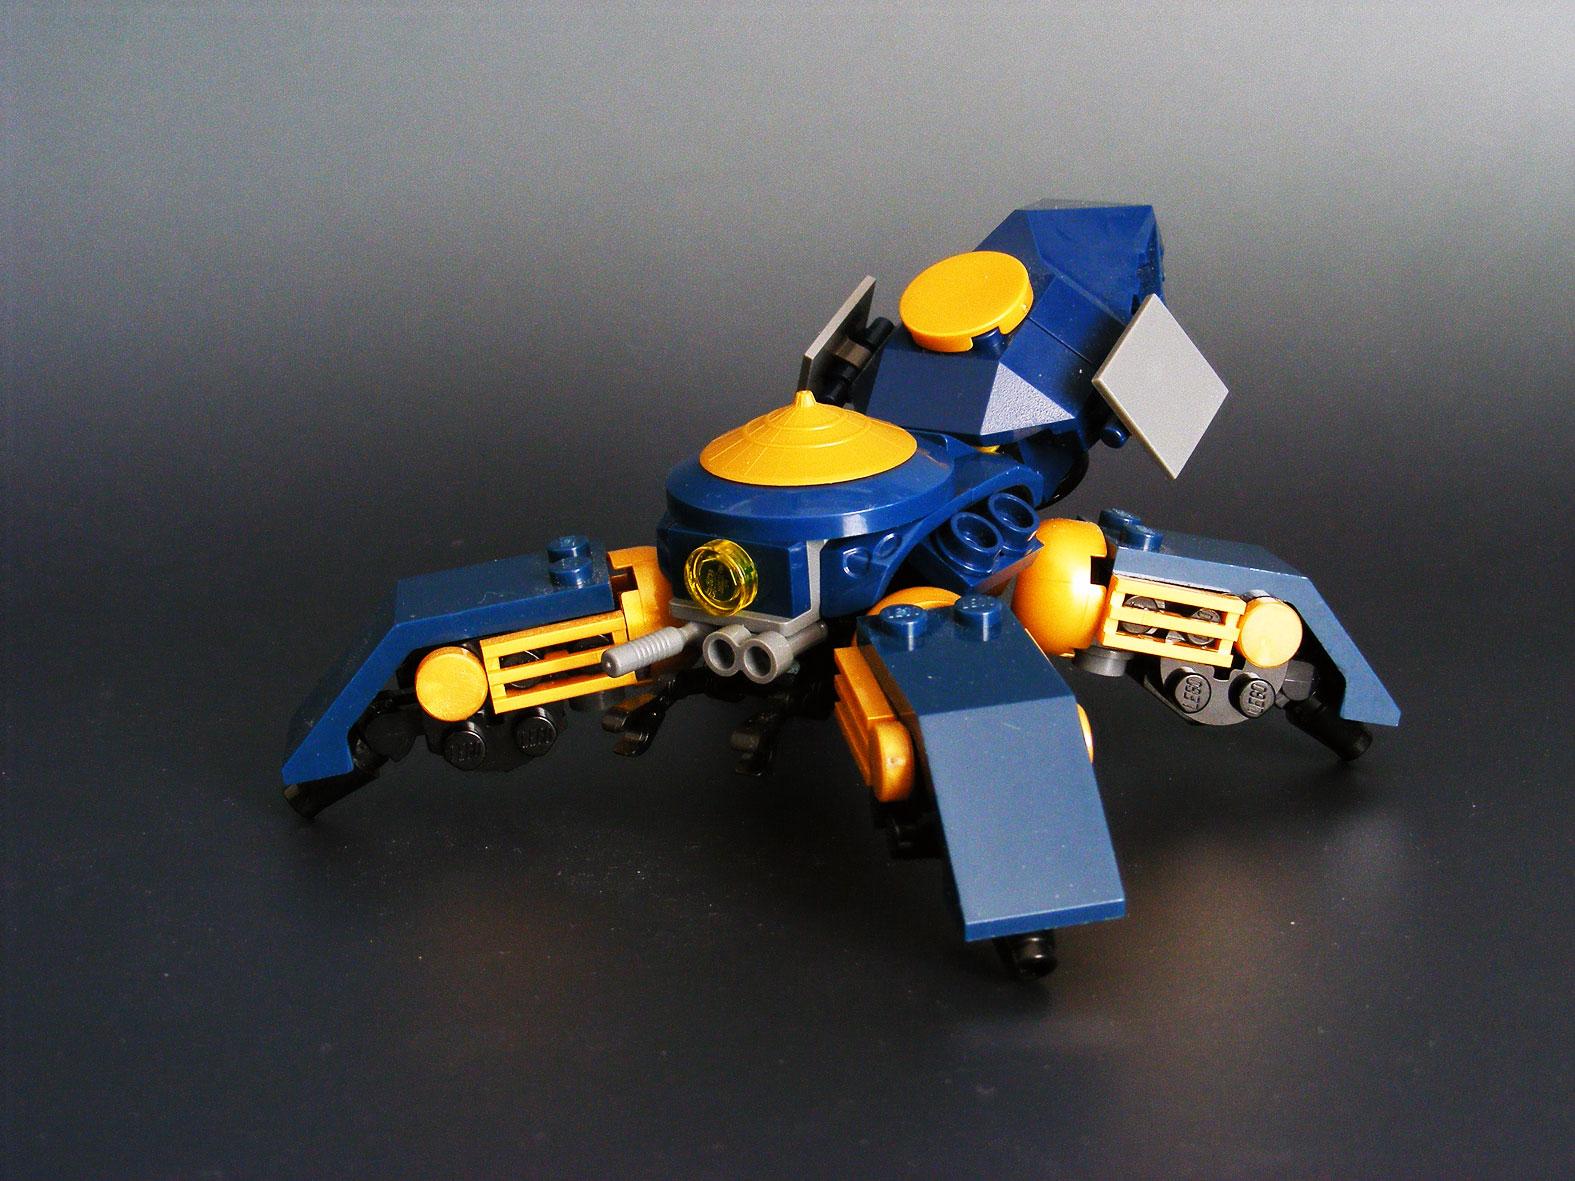 Taustakuvat Cyberpunk Robotti Auto Tila Ajoneuvo Keltainen